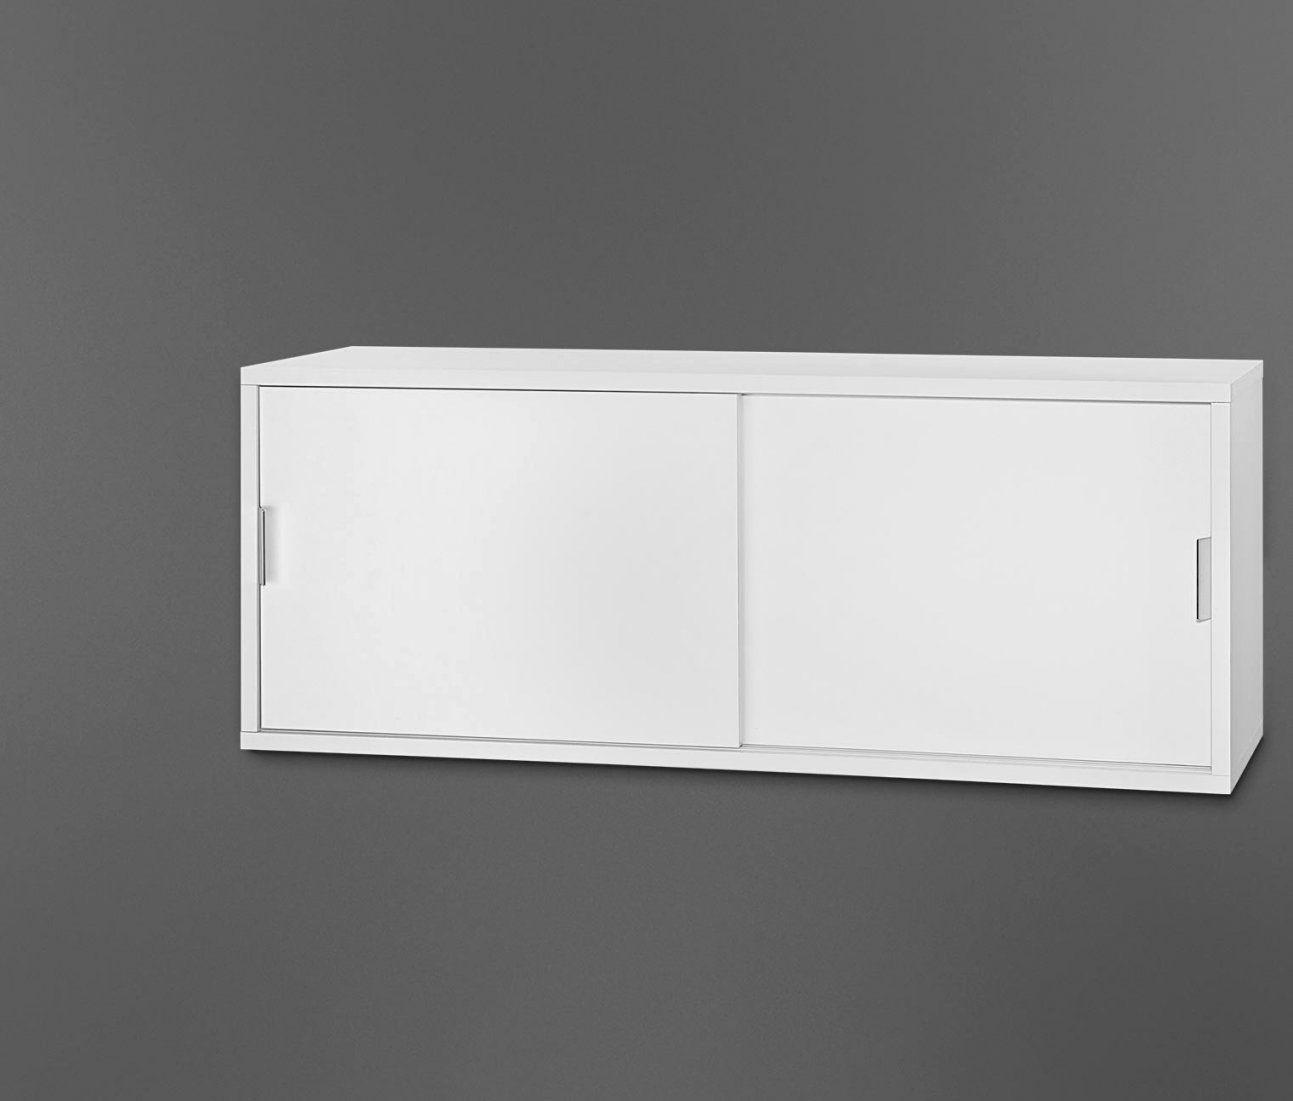 Wohnkultur Hangeschrank Schi Ikea Hängeschrank Schiebetüren Niedlich von Sideboard Mit Schiebetüren Ikea Photo